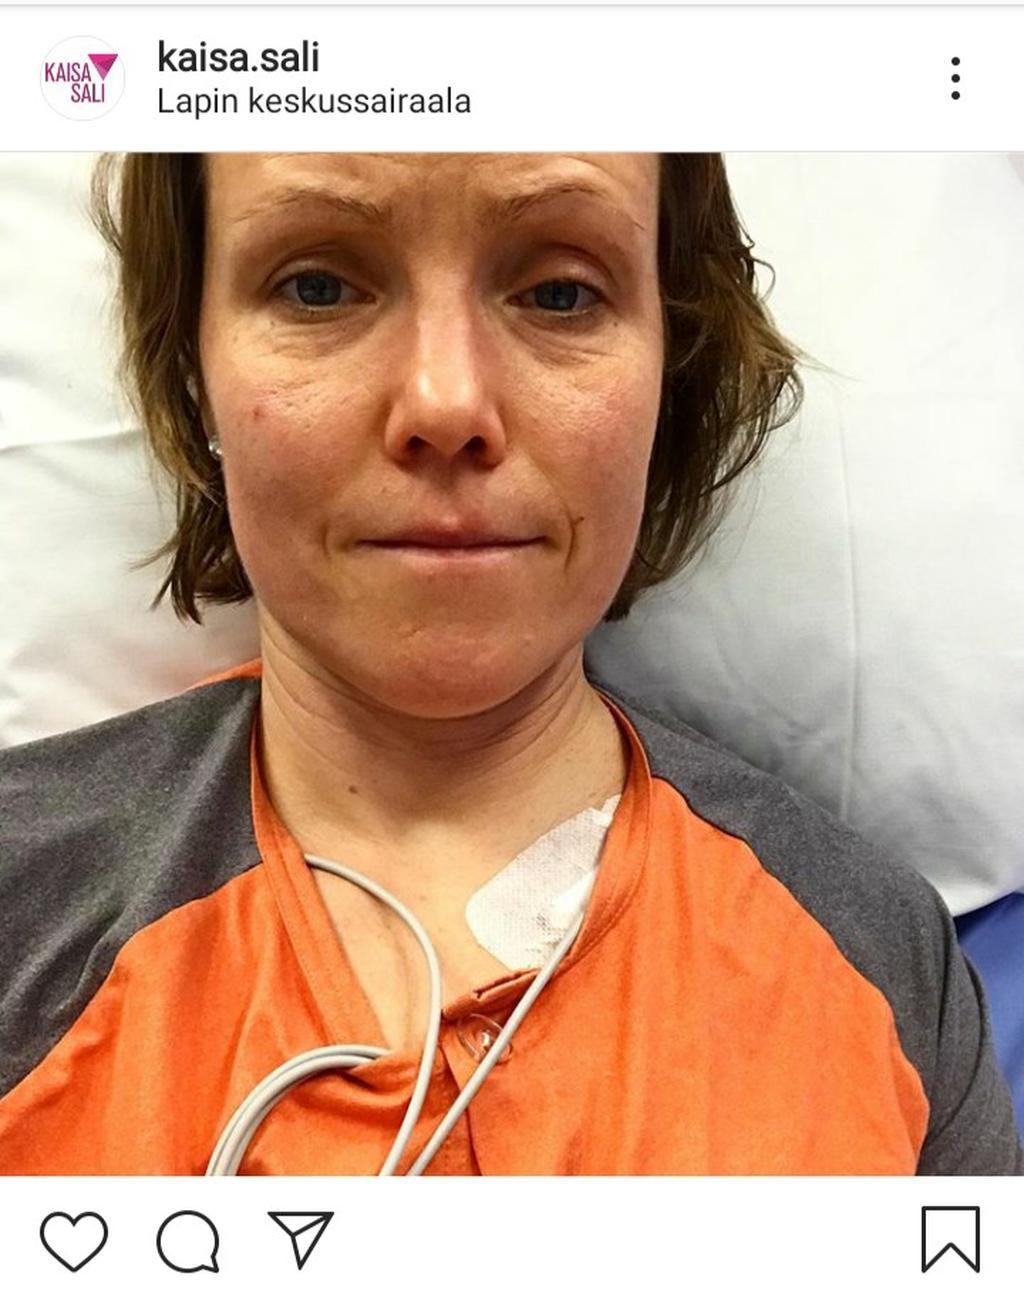 Kolarin sunnuntaisen puukotuksen uhri on entinen huippu-urheilija Kaisa...